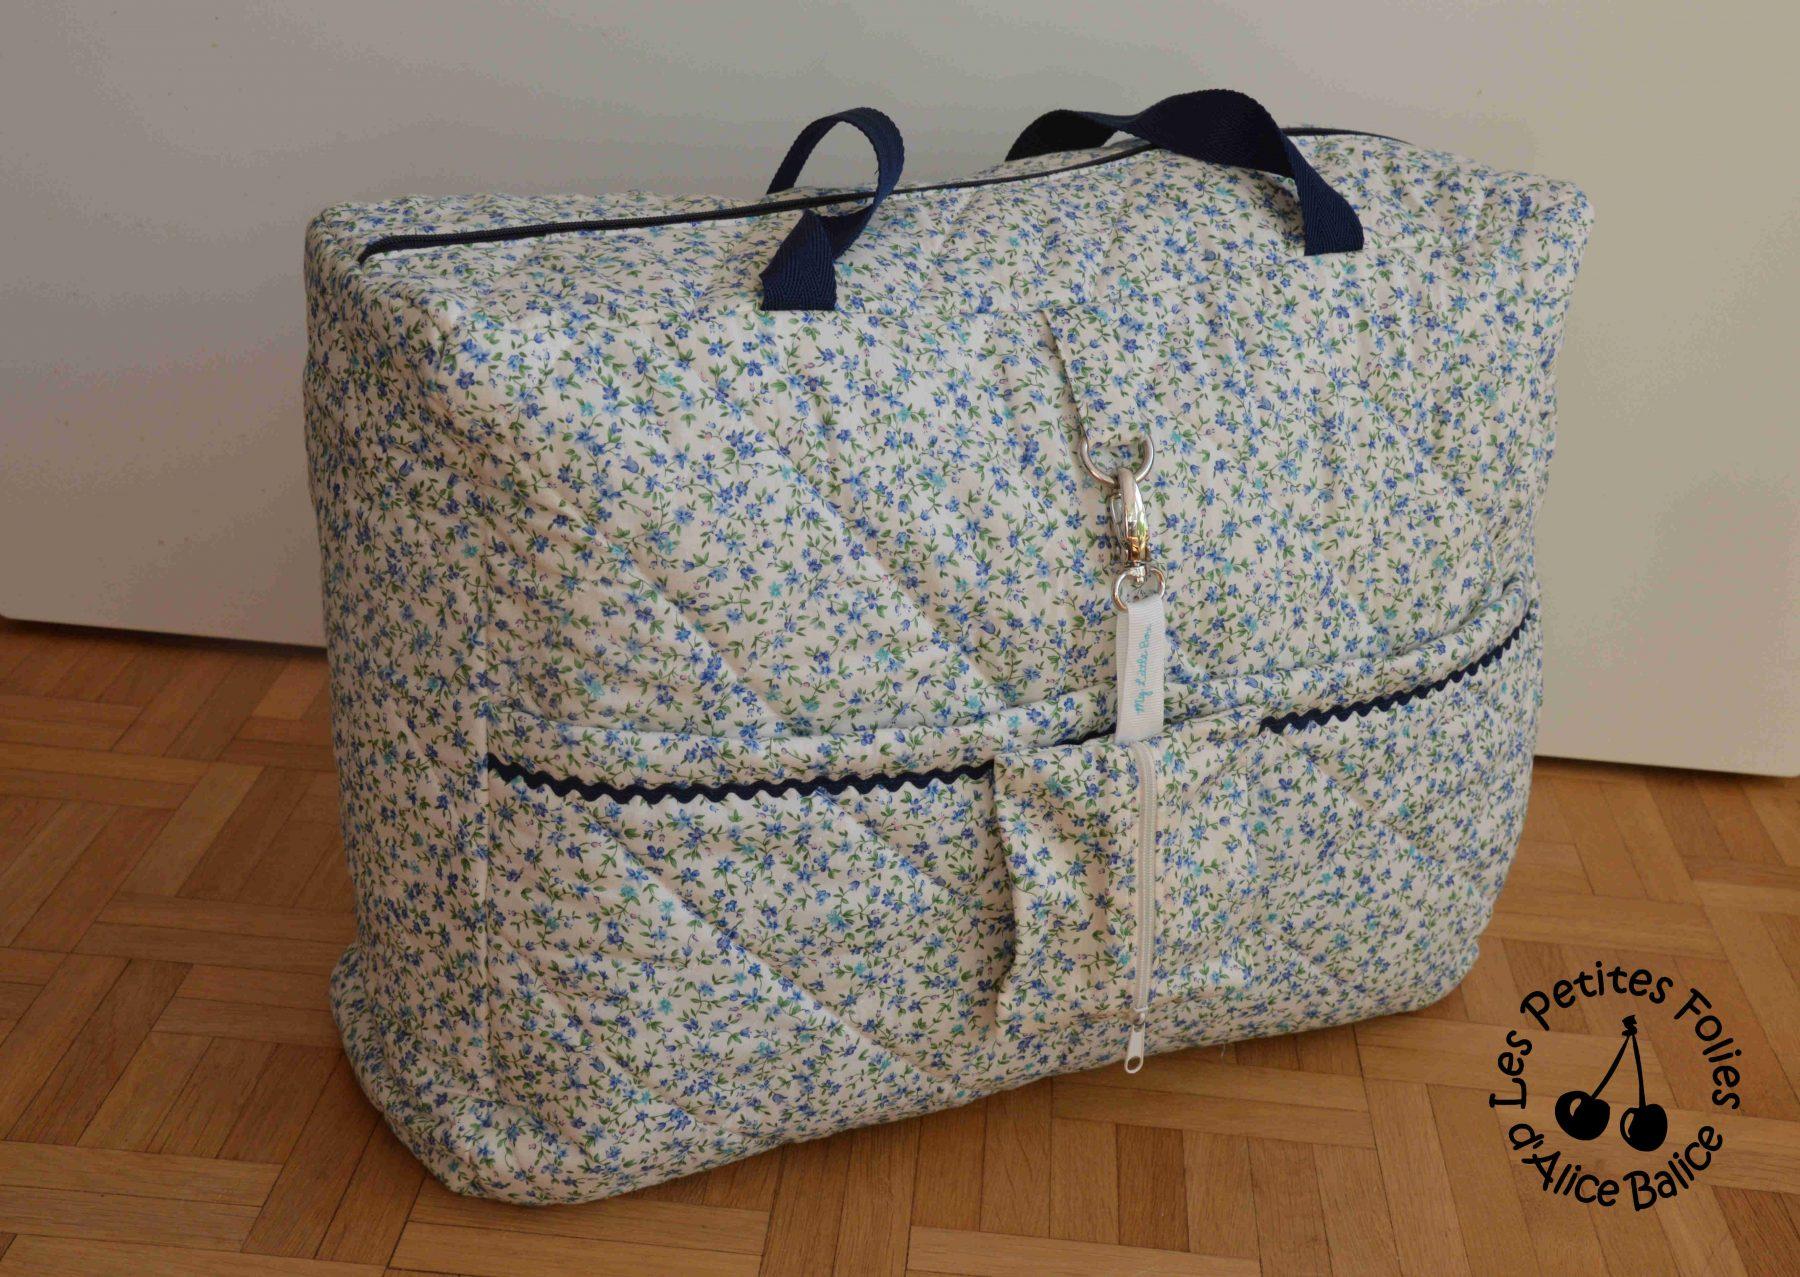 sac langer number 5 alice balice couture et diy. Black Bedroom Furniture Sets. Home Design Ideas